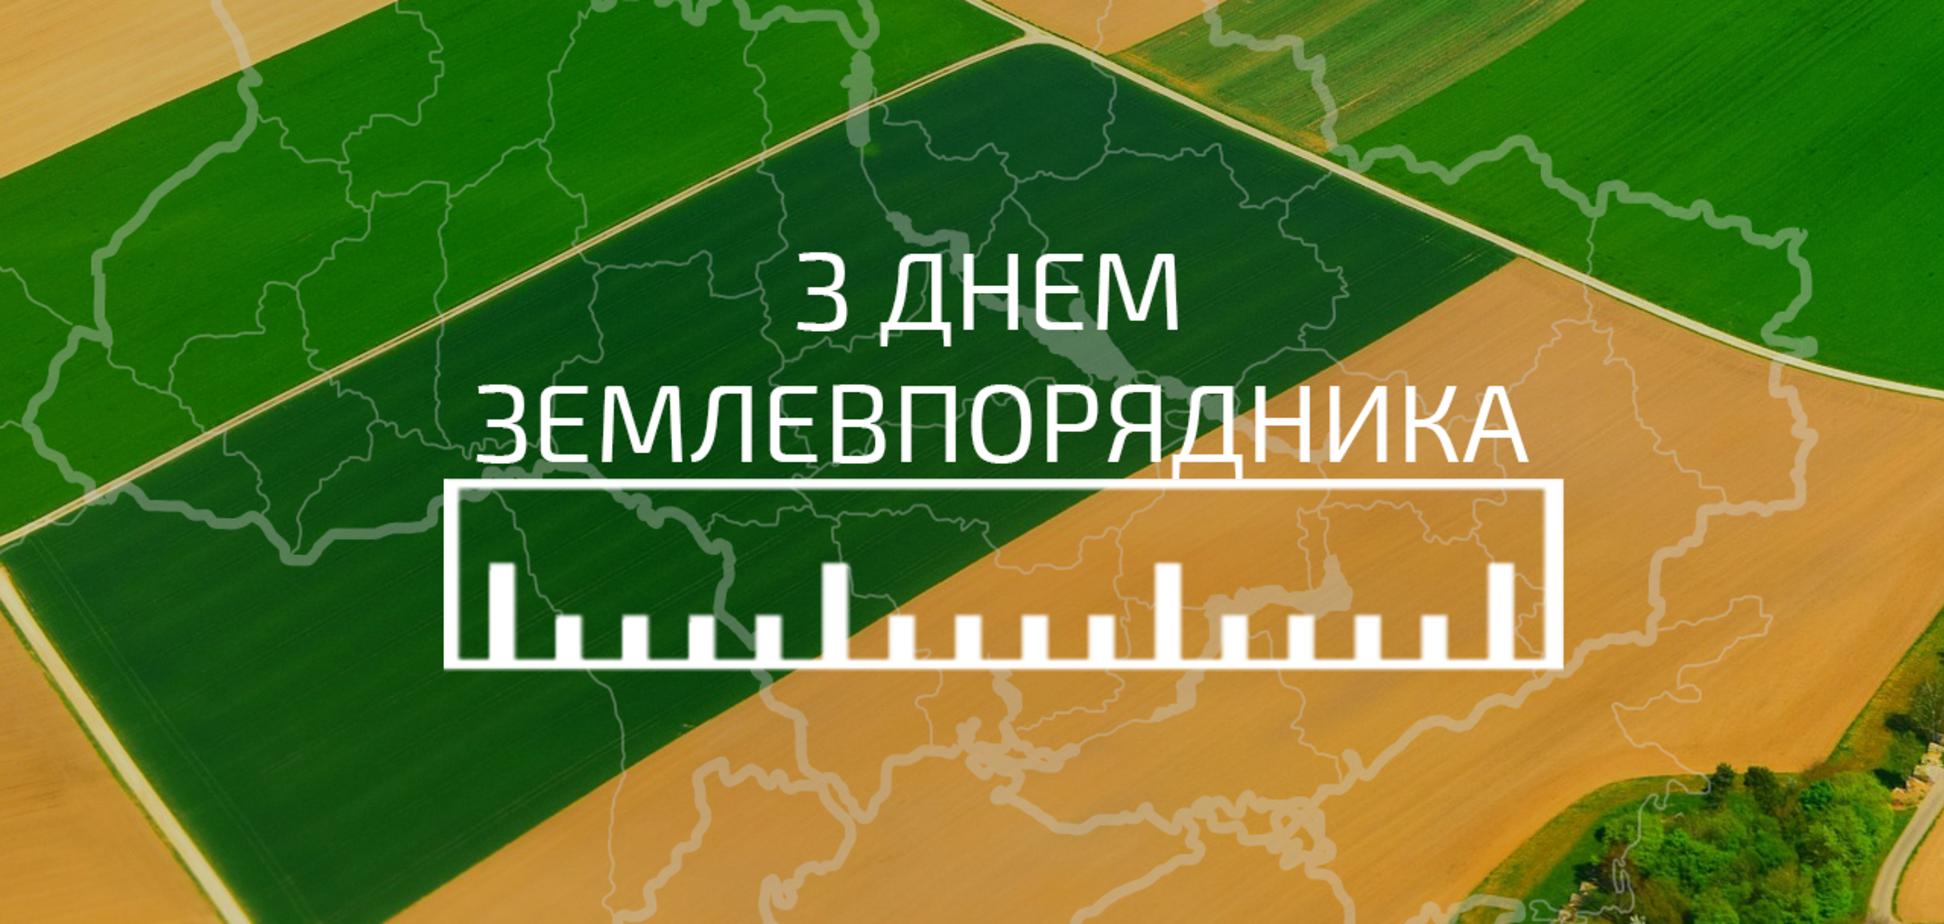 День землеустроителя в Украине отмечается с 1999 года